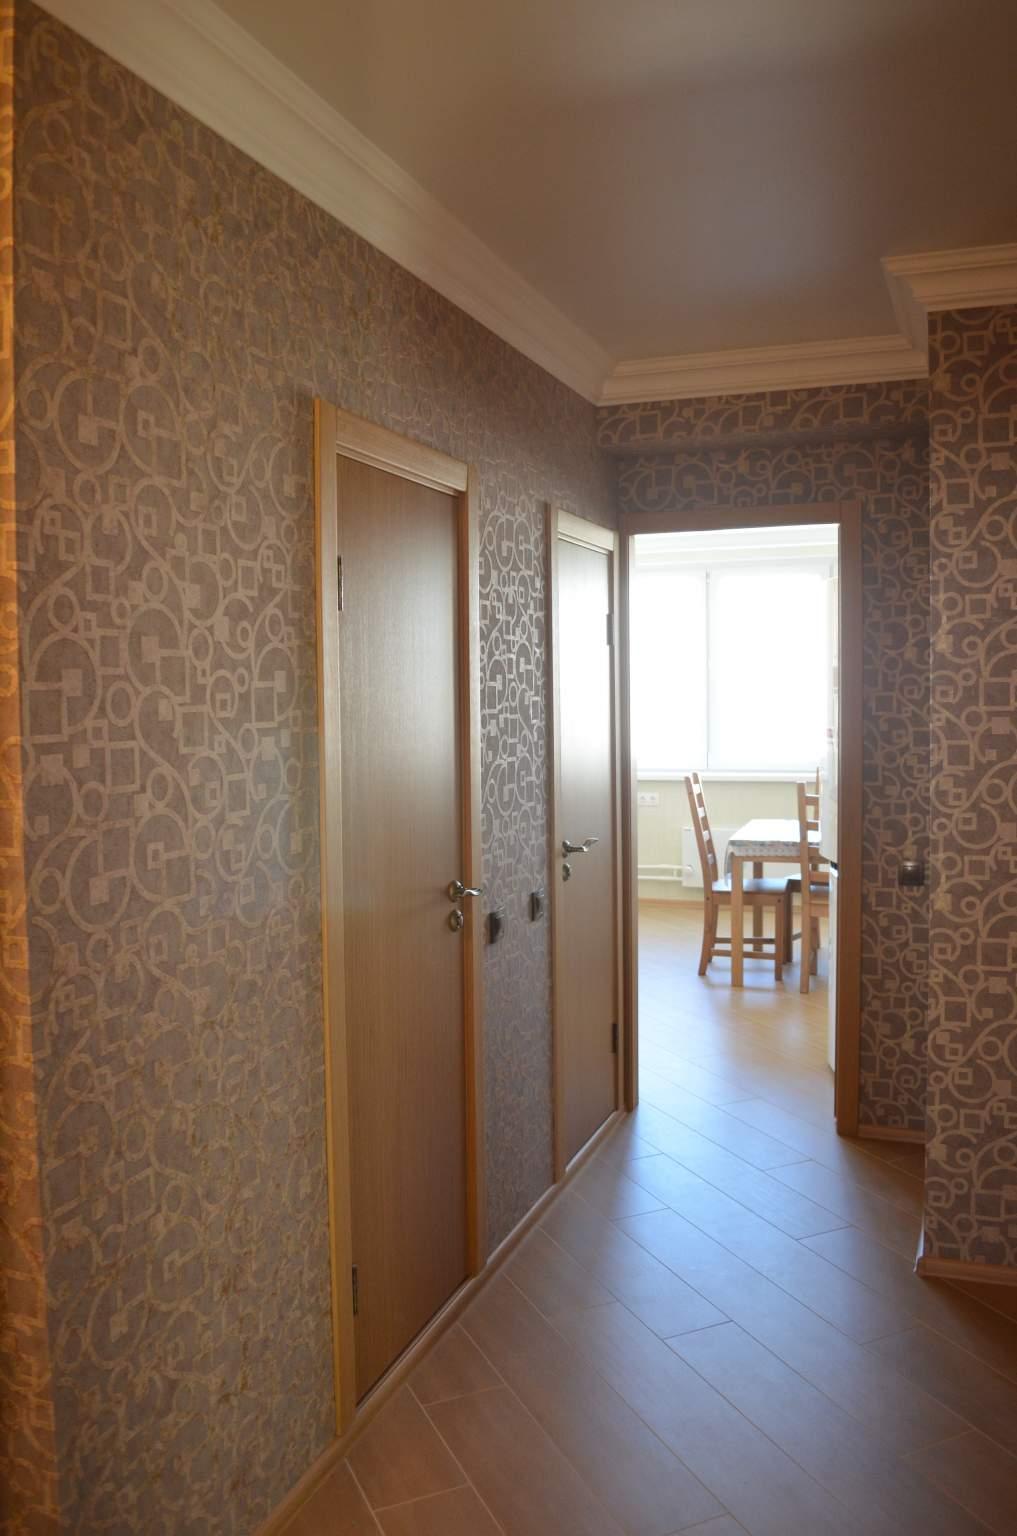 Квартира, 2 комнаты, 64 м² в Московском 89269179500 купить 4